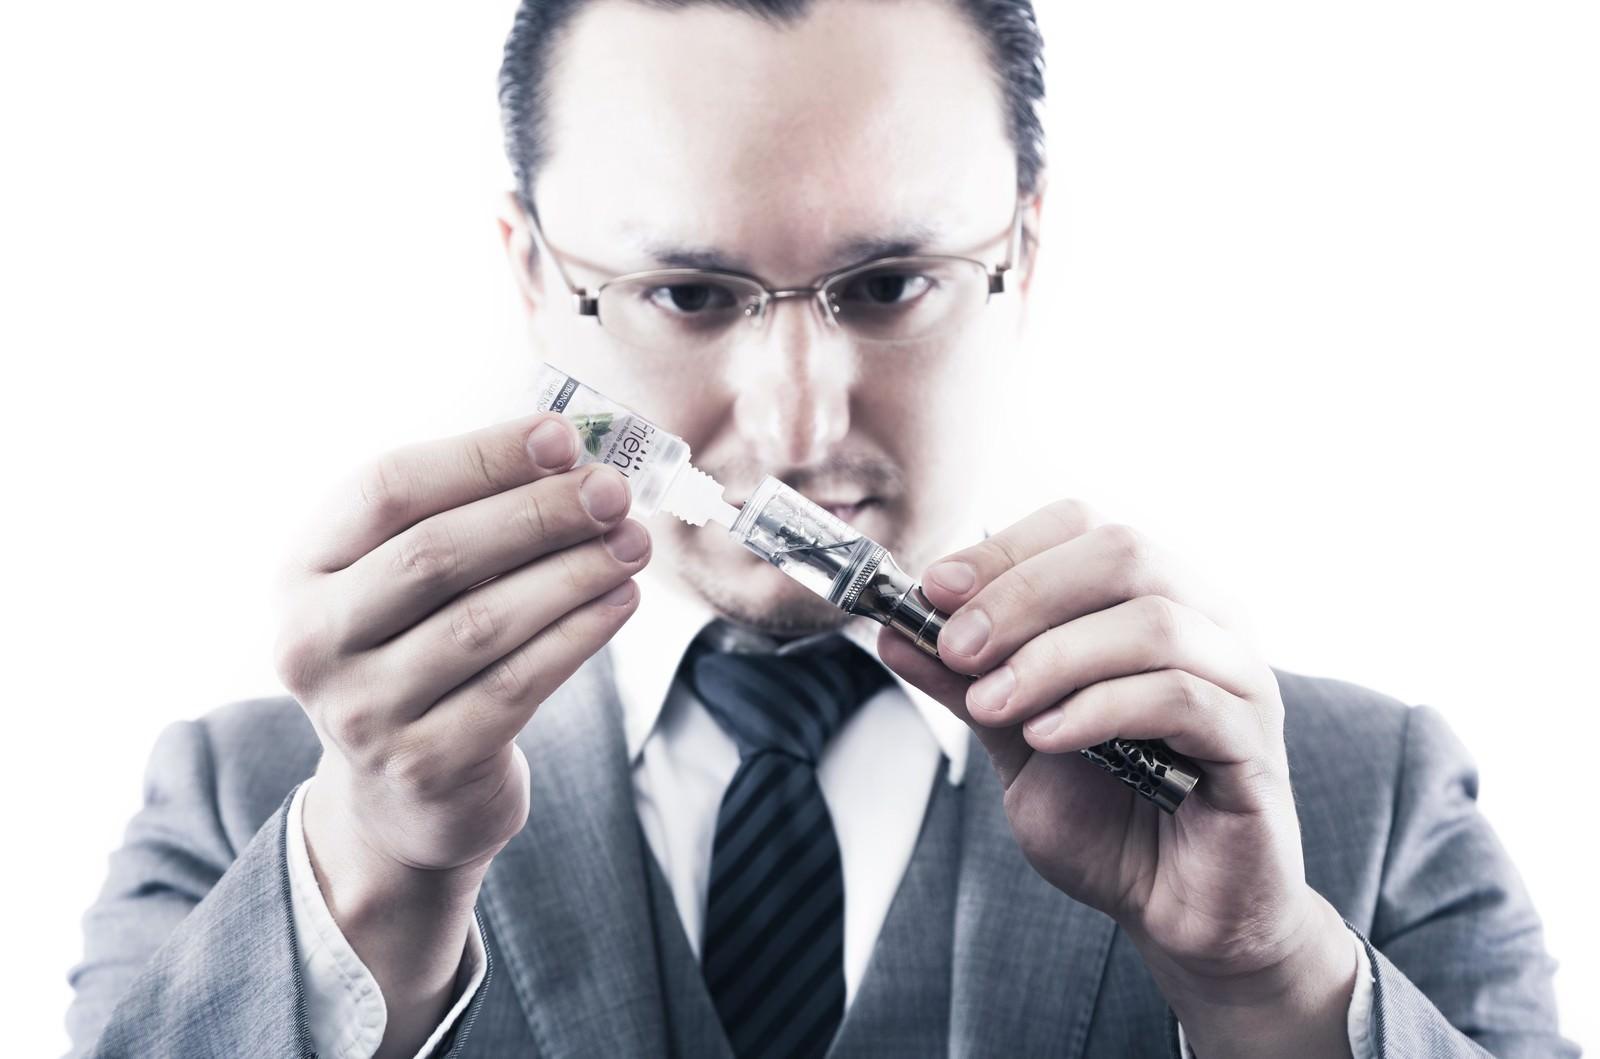 「電子タバコにリキッドを補充するビジネスマン」の写真[モデル:Max_Ezaki]